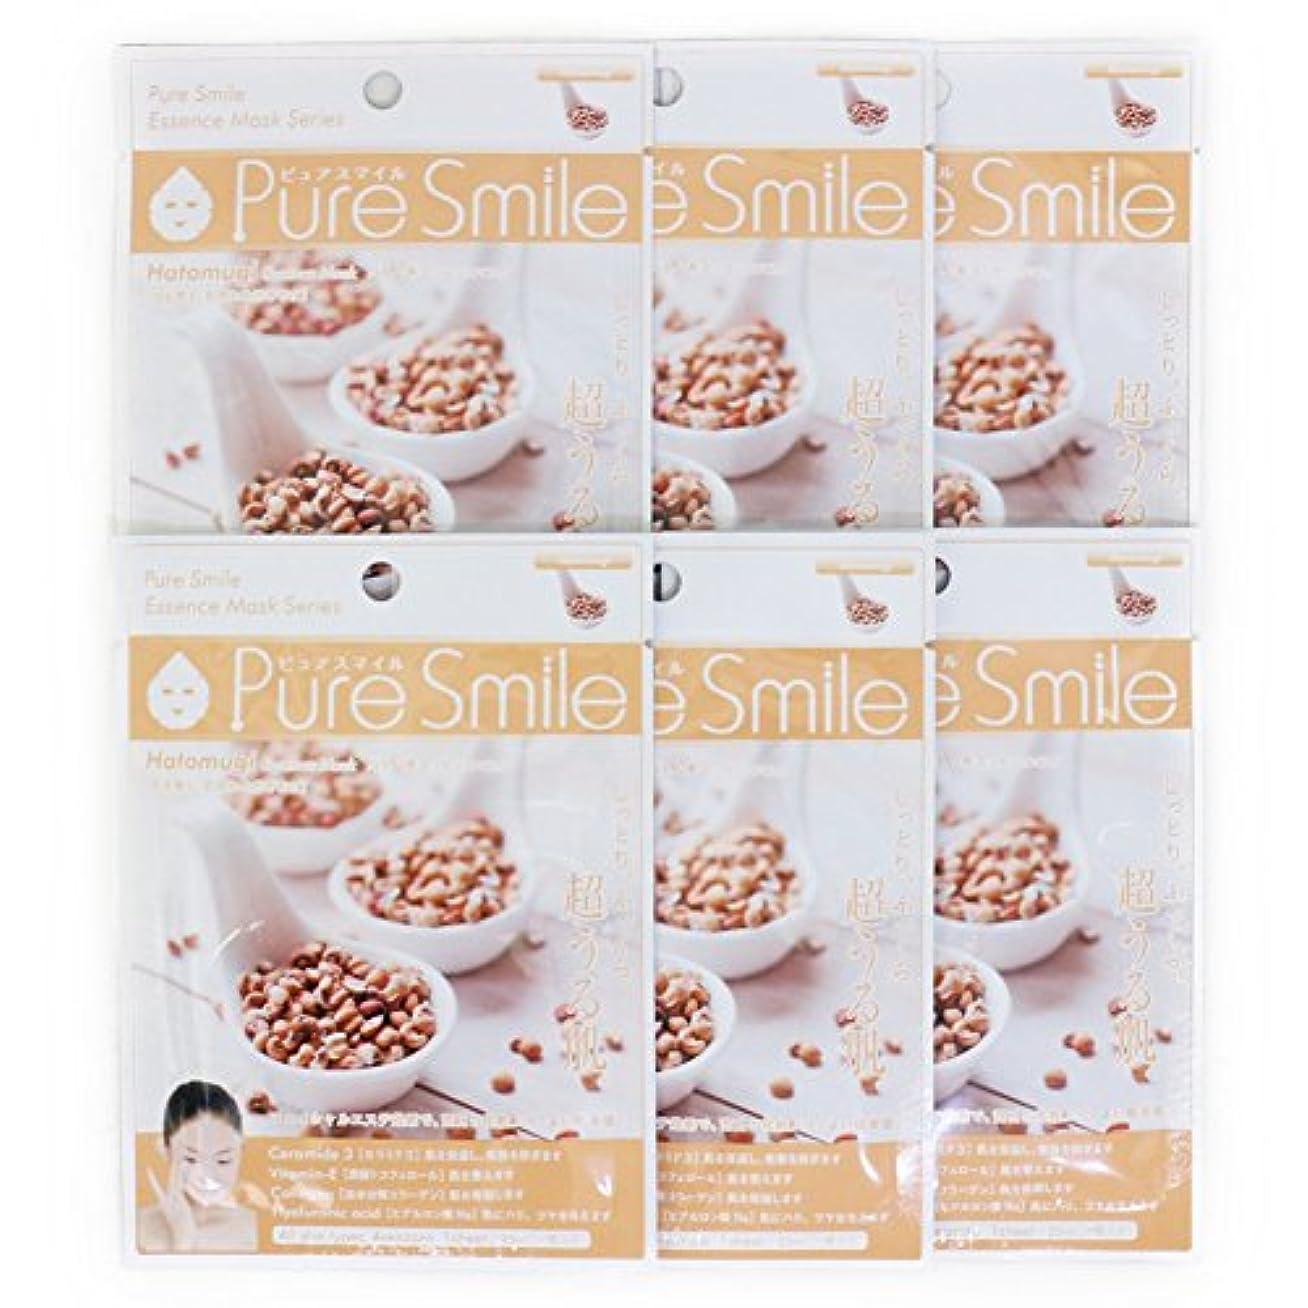 そしてミス解釈するPure Smile ピュアスマイル エッセンスマスク ハトムギ 6枚セット